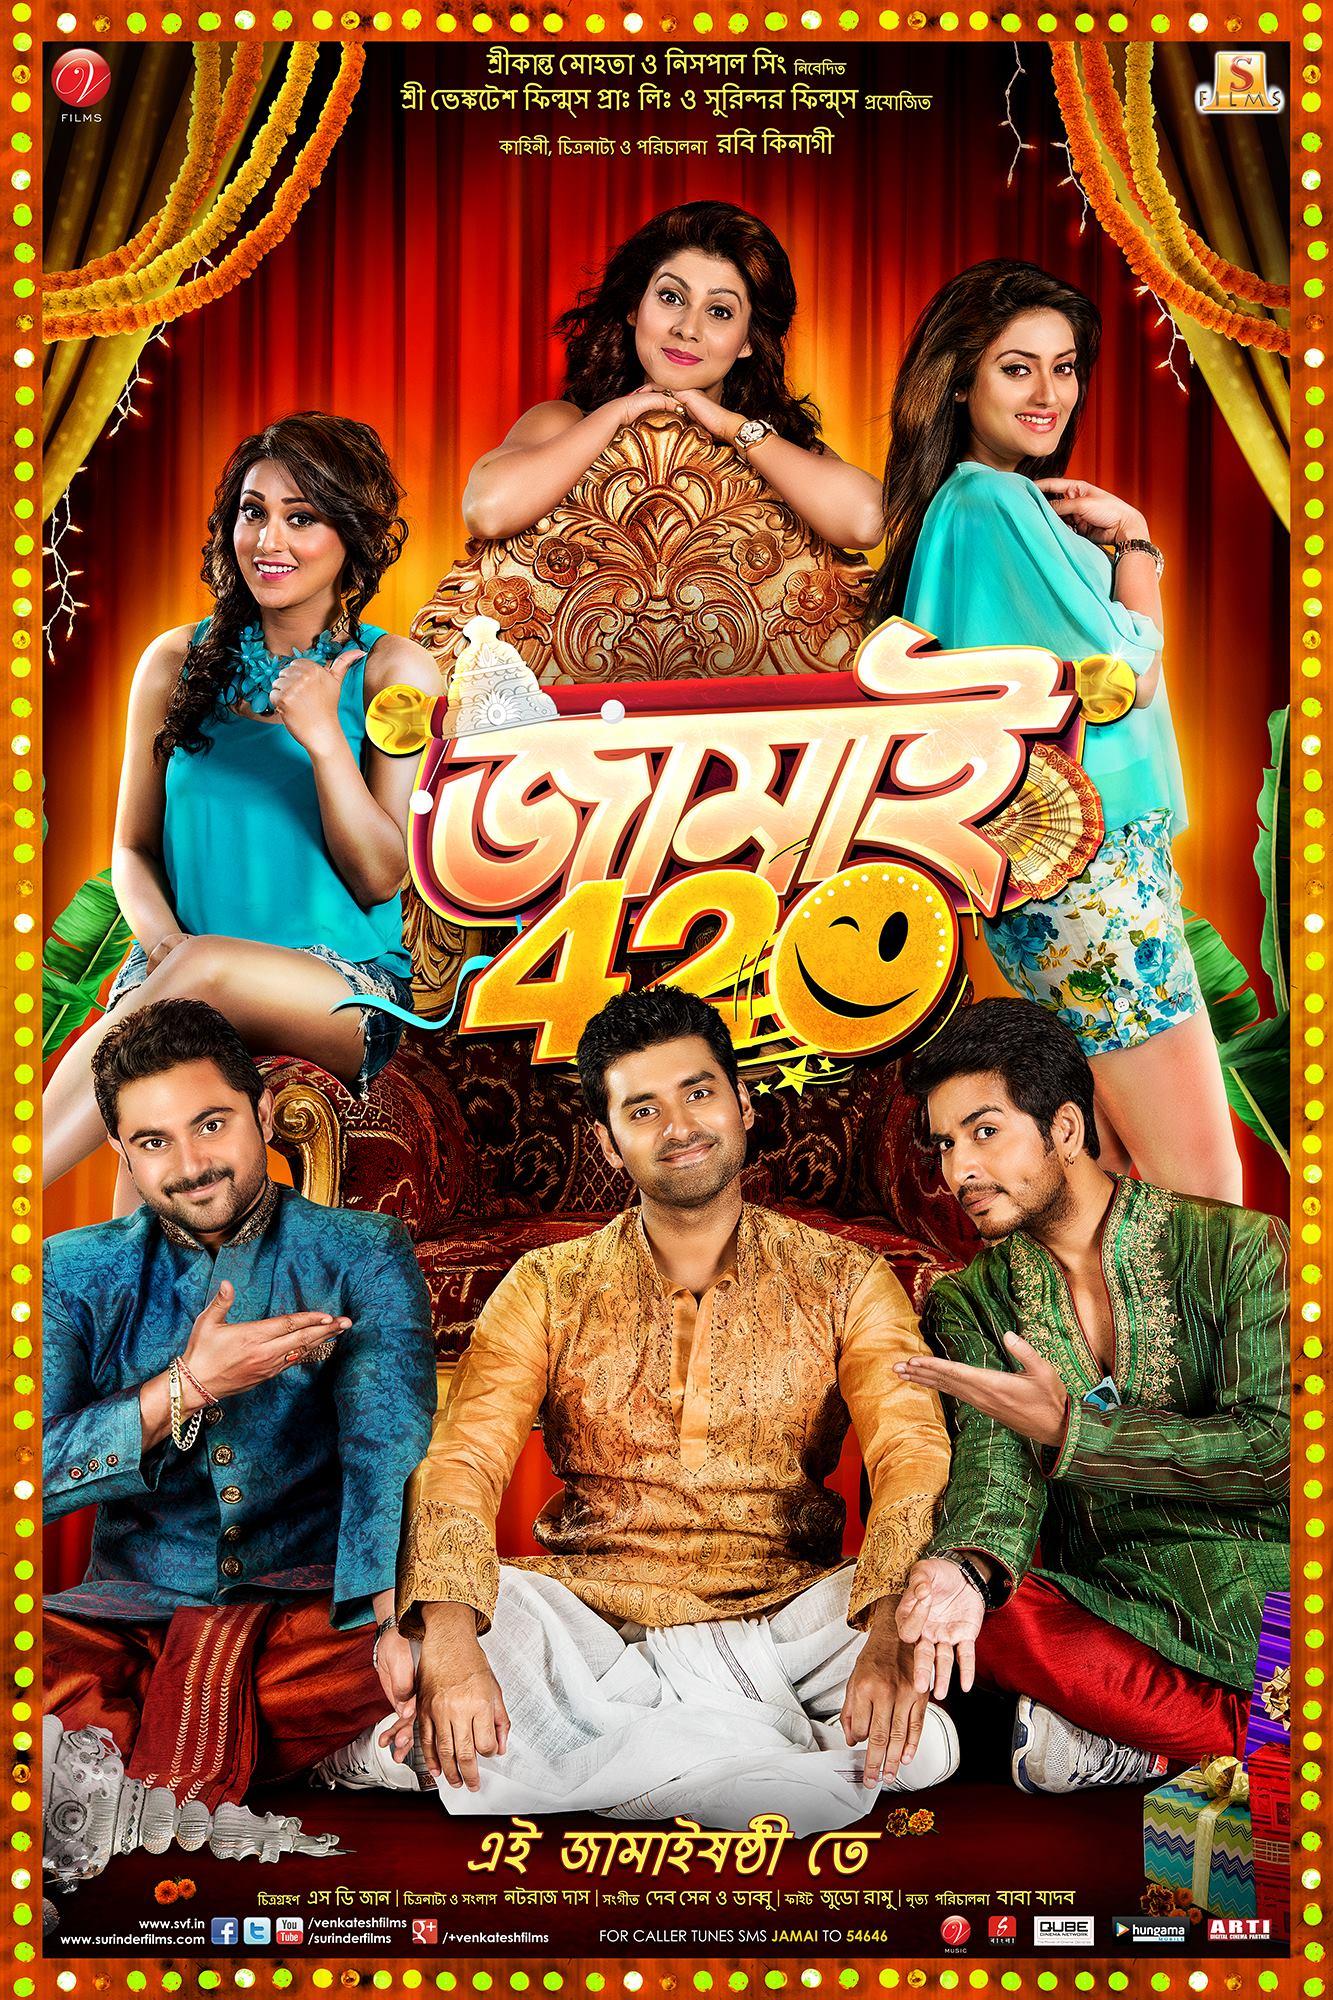 Jamai 420 (2015) Bengali Full Movie 480p, 720p Download